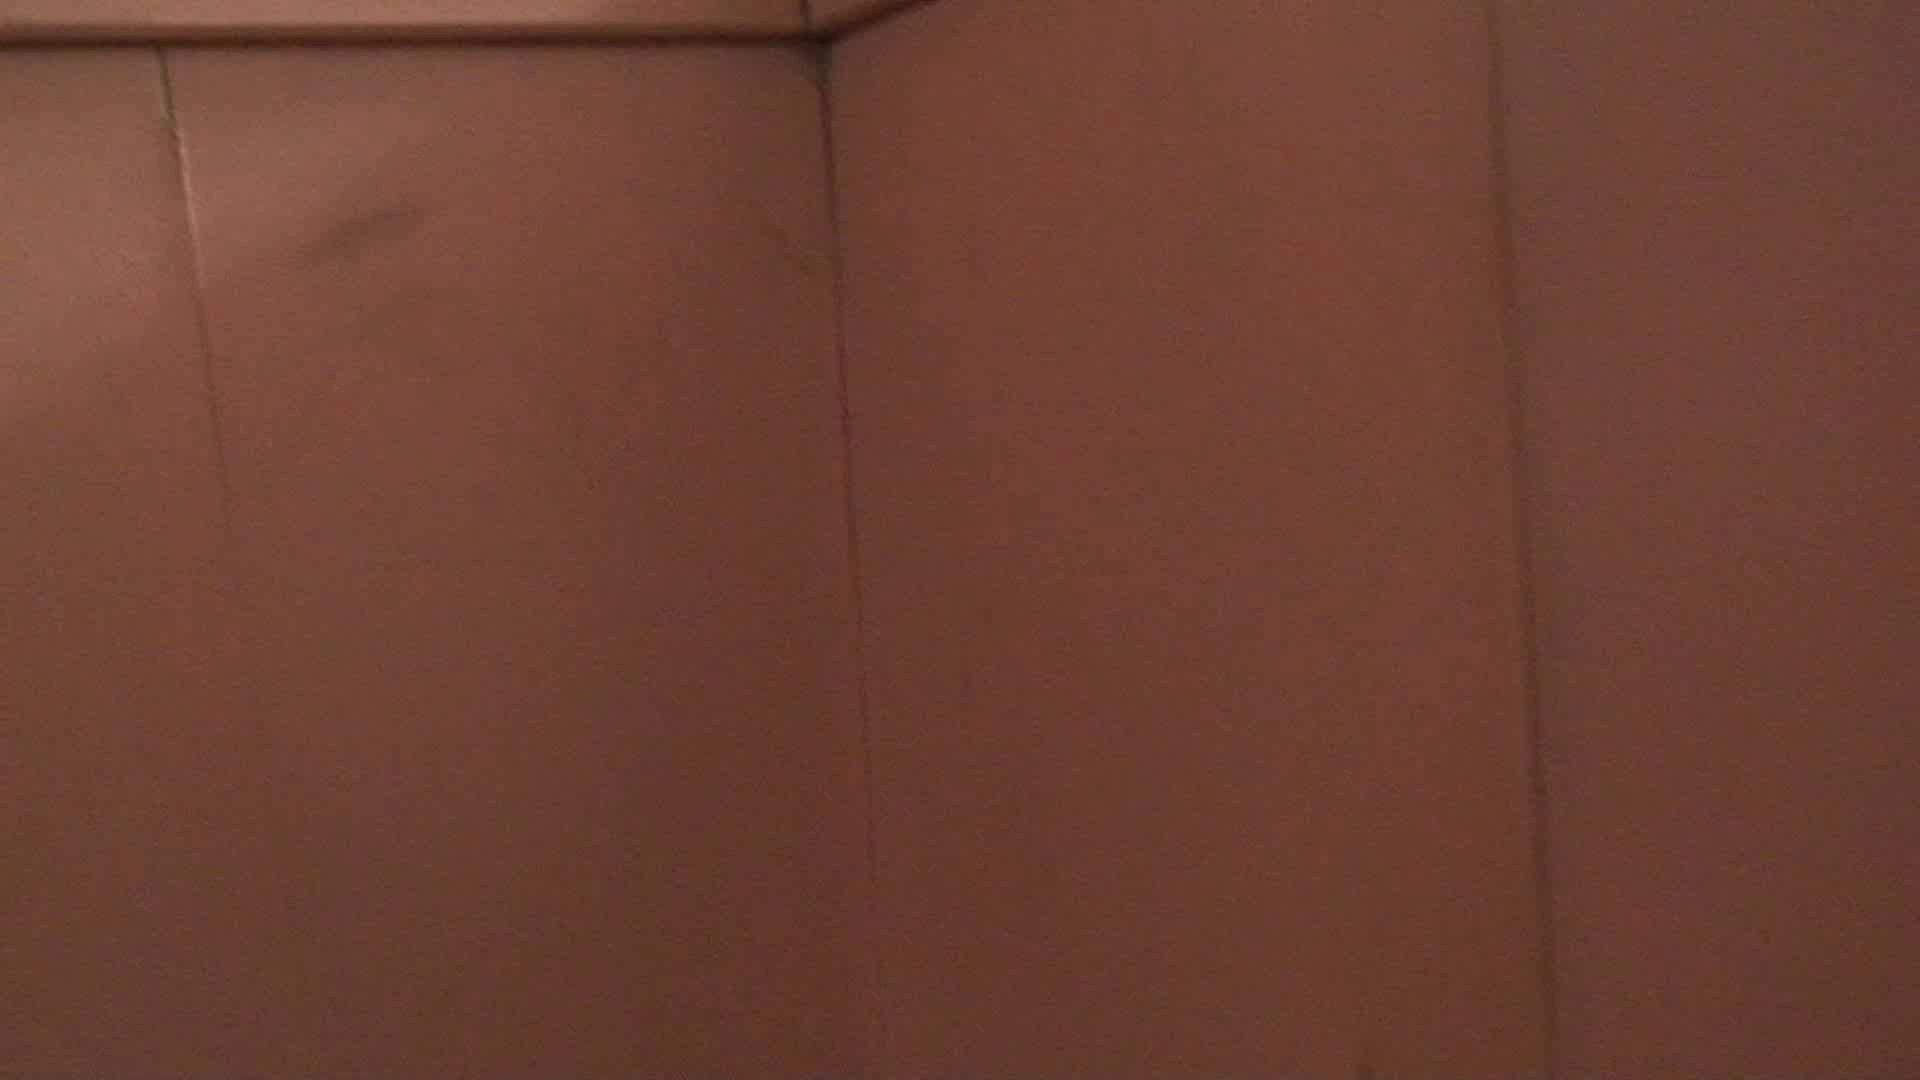 洗面所内潜入!同級生が同級生を盗撮! vol.02 盗撮 | OLのボディ  98PIX 49